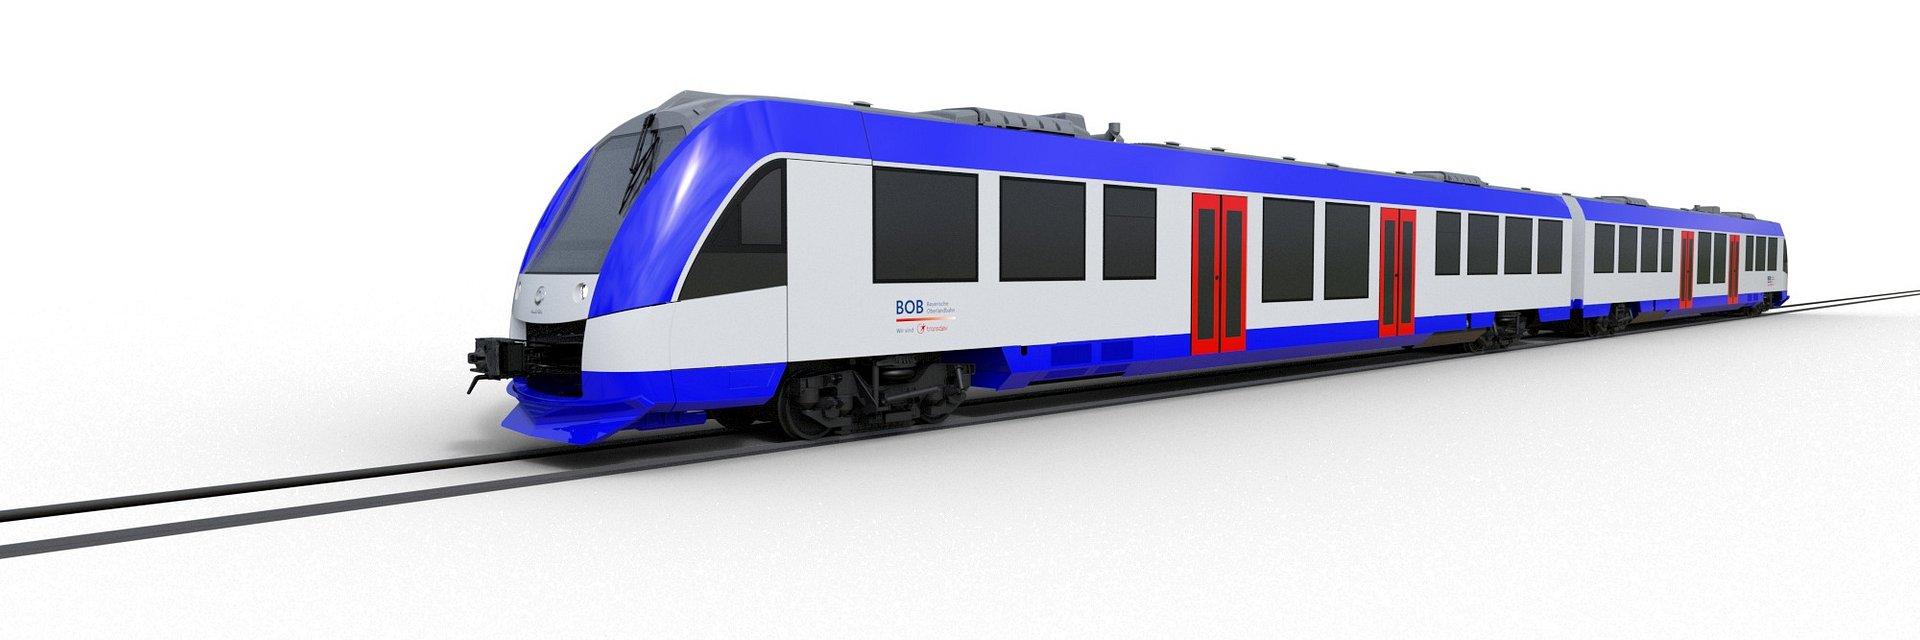 Alstom dostarczy 25 pociągów Coradia Lint bawarskiej spółce Bayerische Oberlandbahn